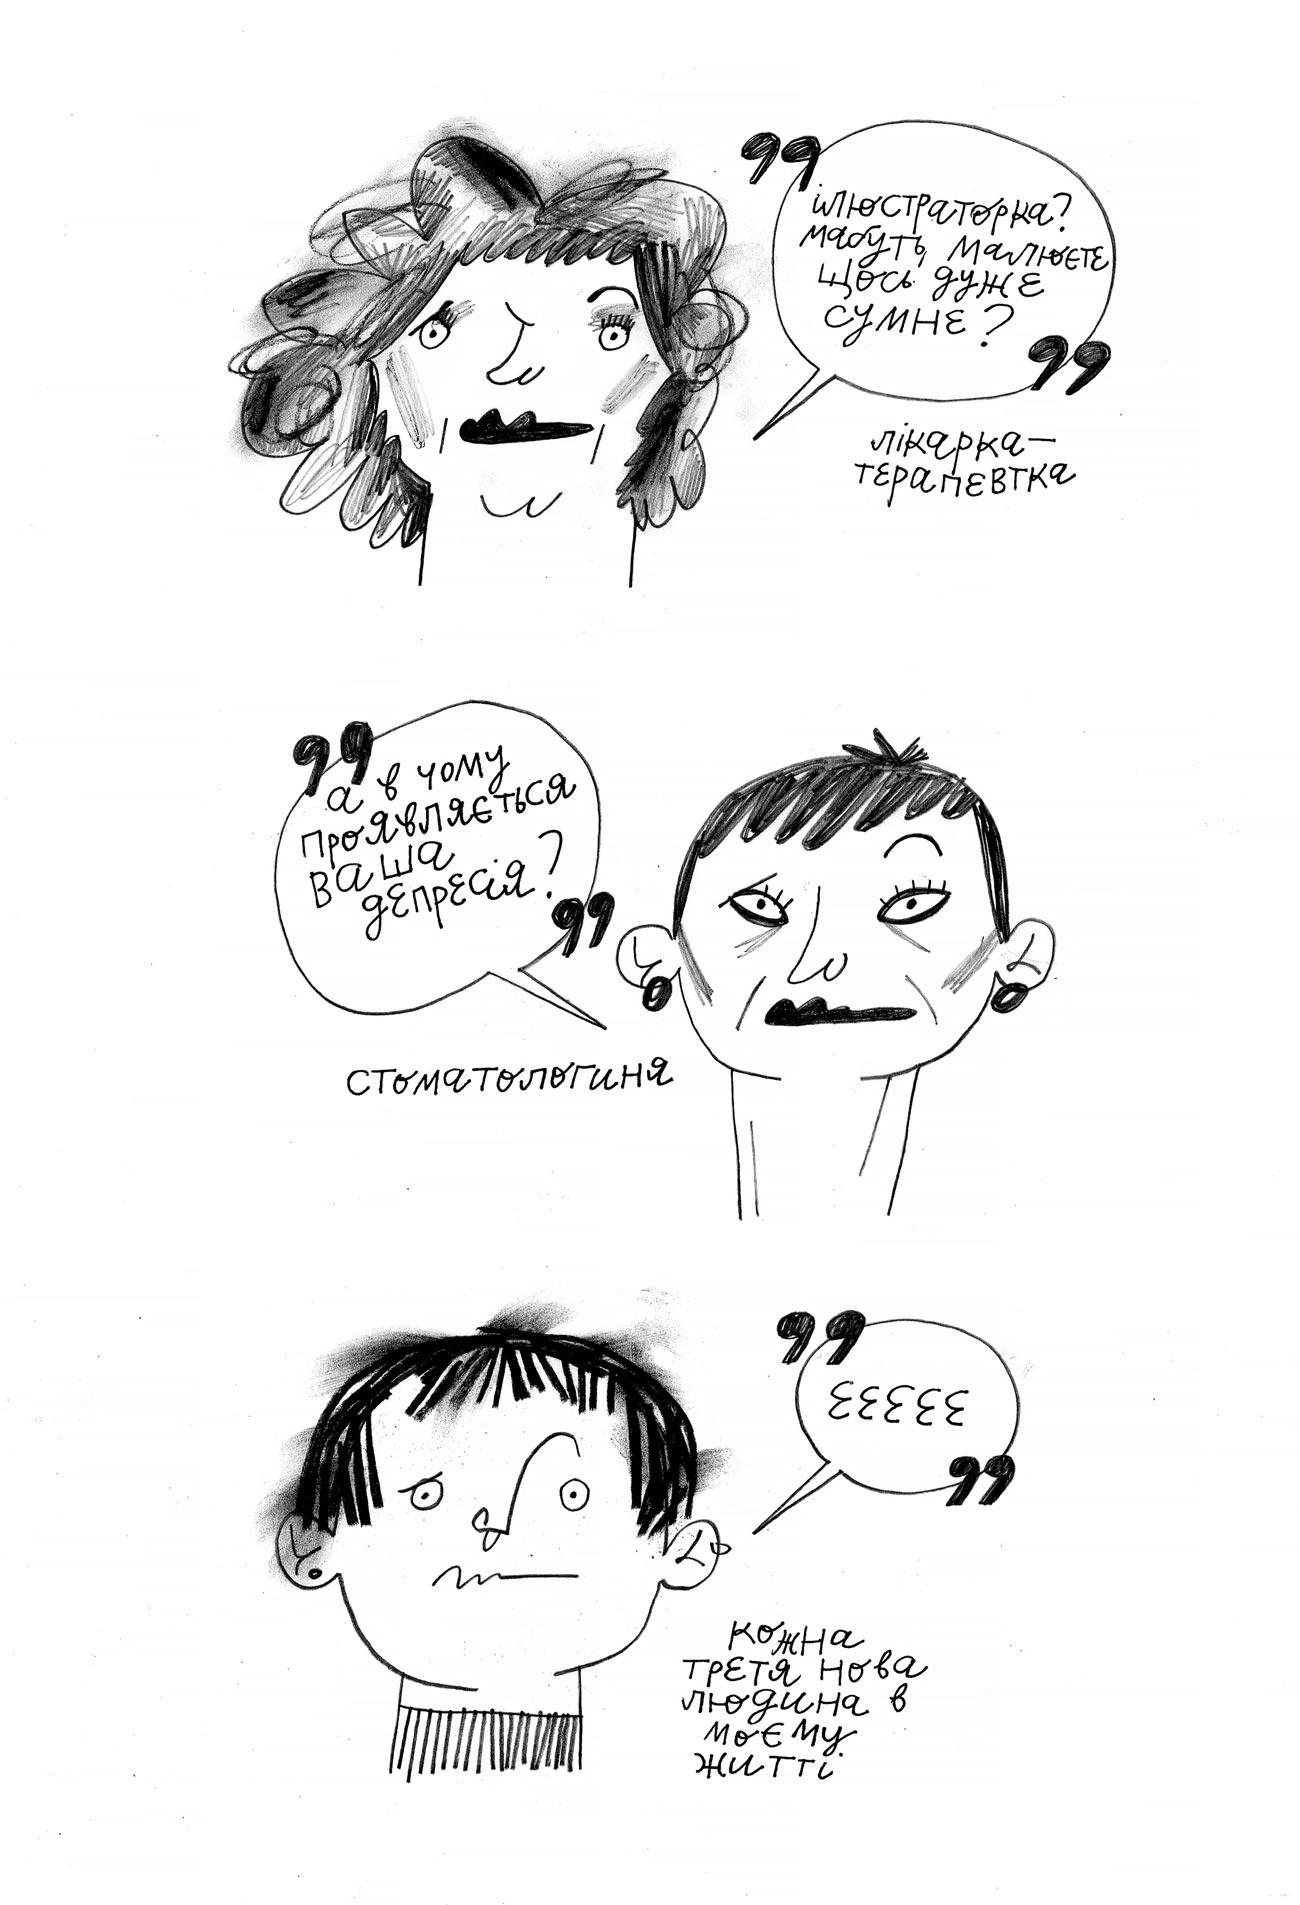 comics oliynik 08 - <b>Вам дісталася сумна дитина.</b> Комікс Жені Олійник про те, як депресія впливає на стосунки - Заборона